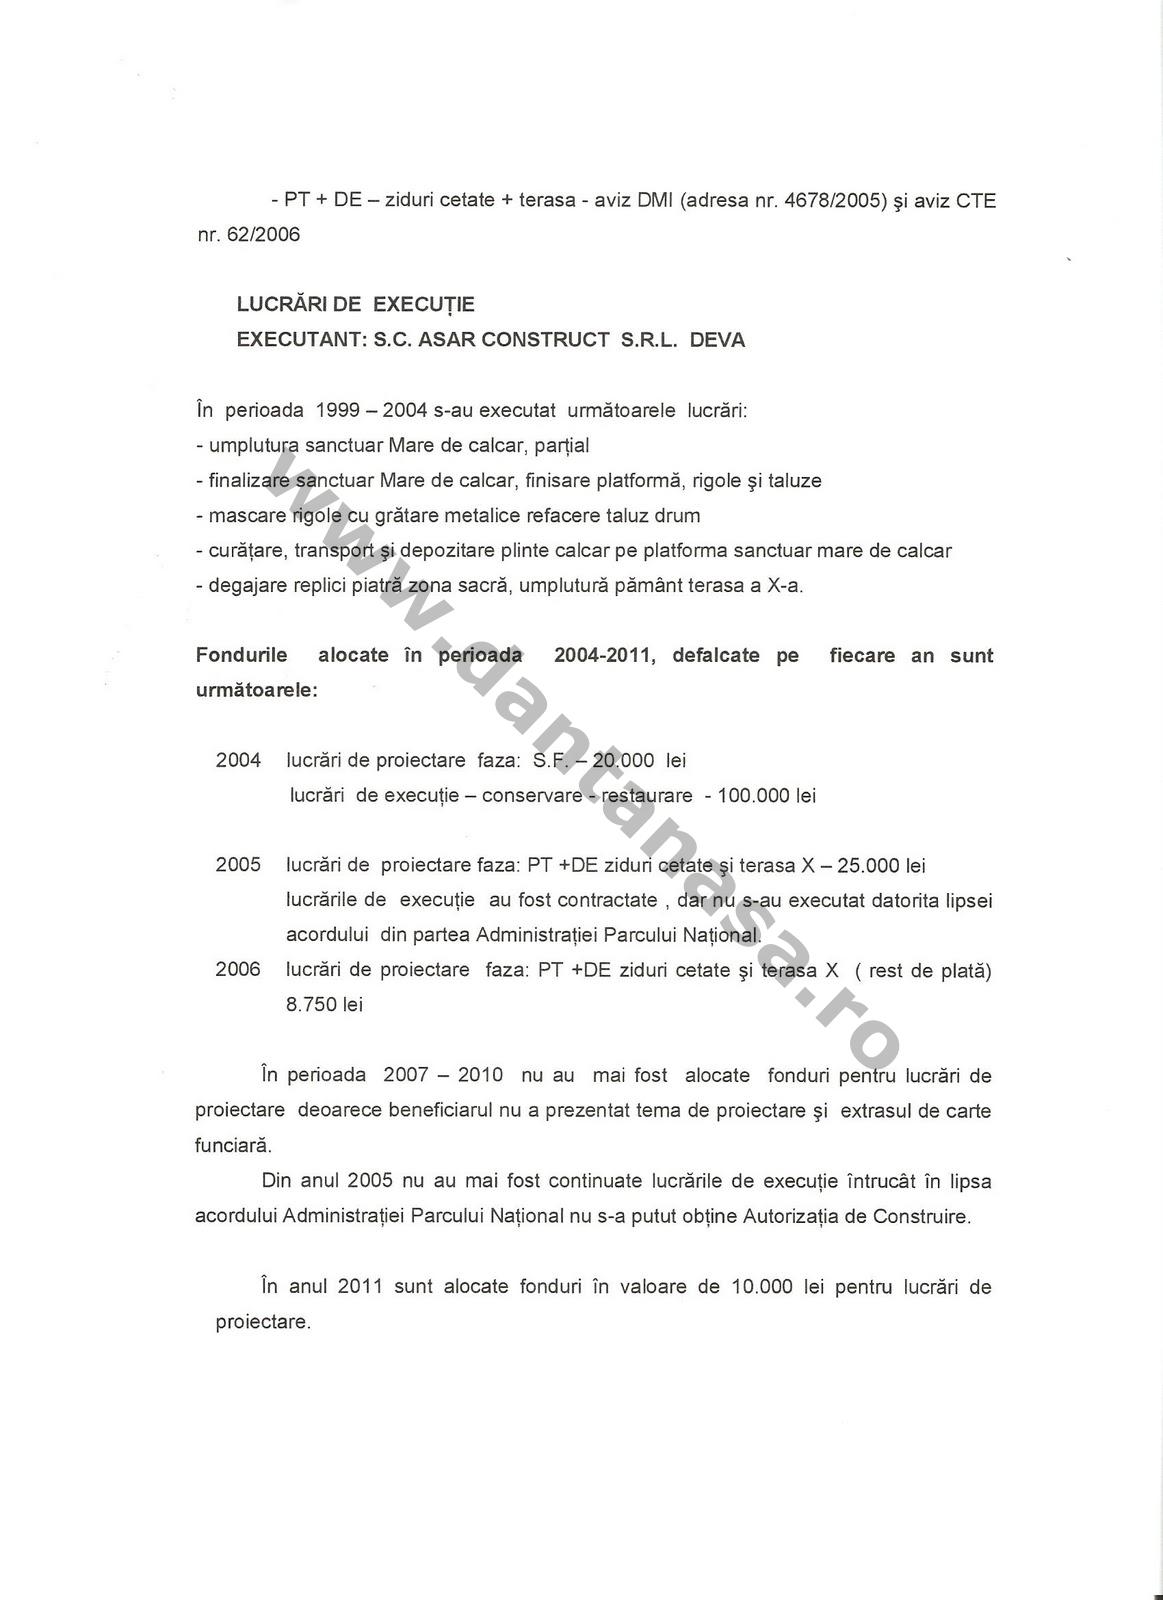 Kelemen Hunor fonduri Sarmizegetura Regia 2